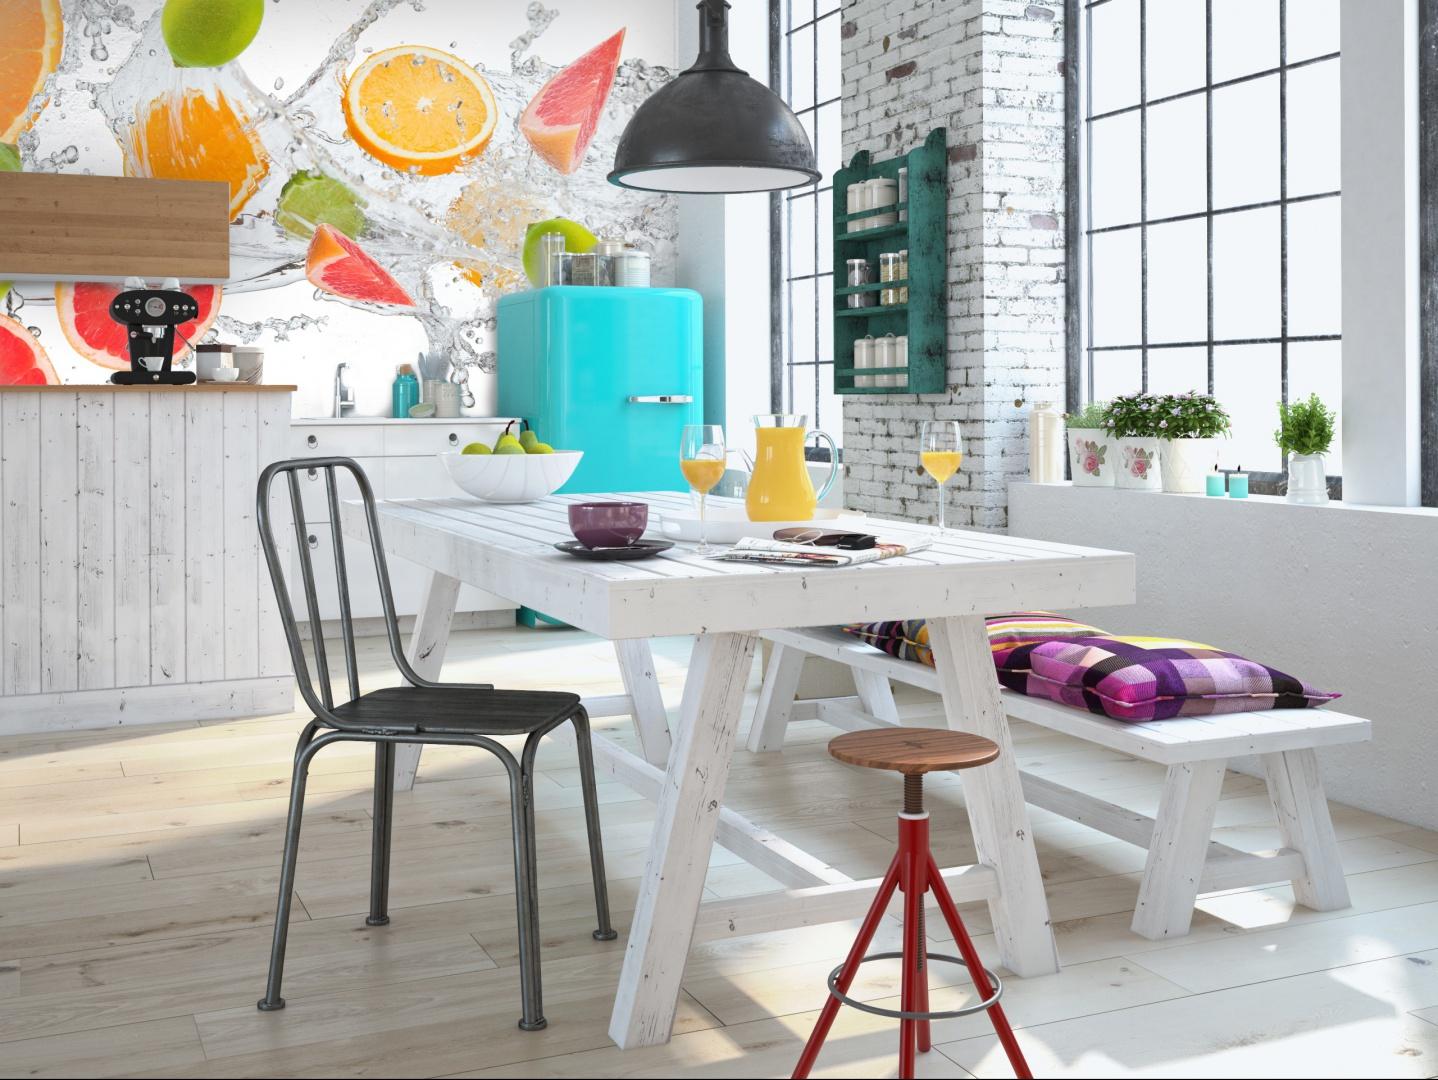 Orzeźwiające owoce uderzające w wodę – samo spojrzenie na tę grafikę wprawia w dobry nastrój. Ożywi każdą kuchnię. 109 zł/m² wydruk na lateksie laminowanym, 149 zł/m² winyl na fizelinie laminowany, LivingStyle.pl.